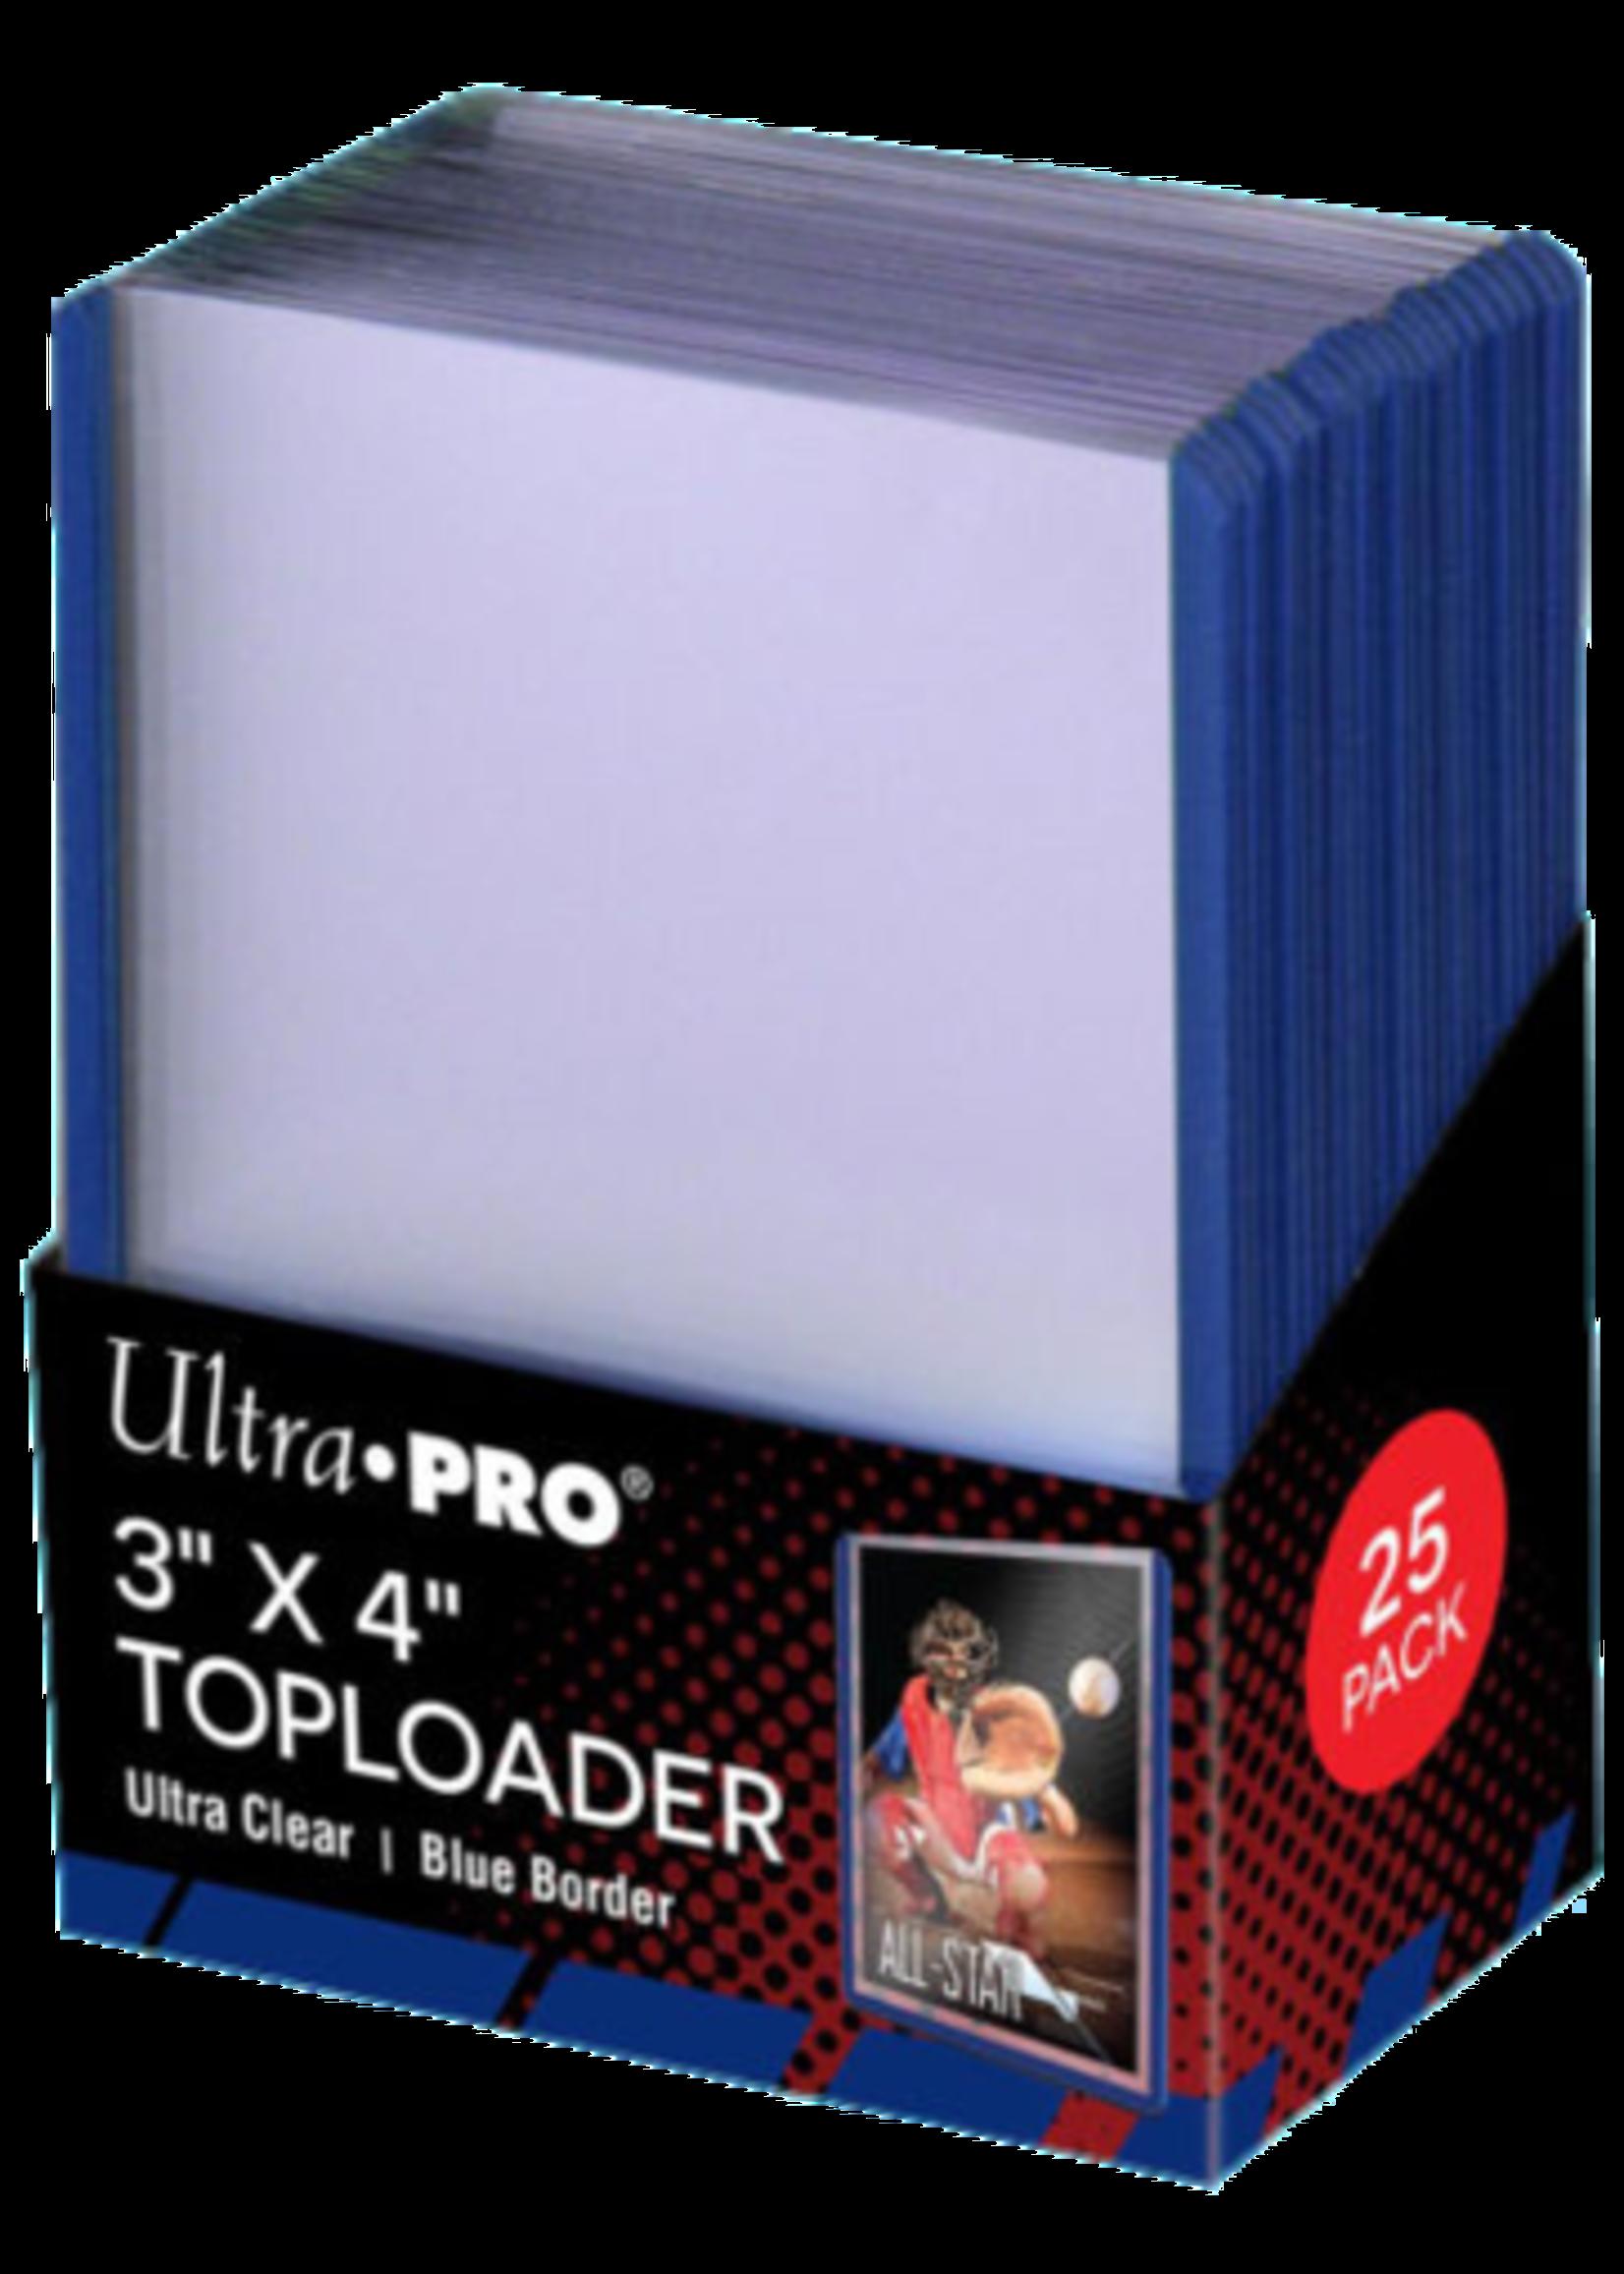 Ultra Pro Toploader 3X4 Blue Border